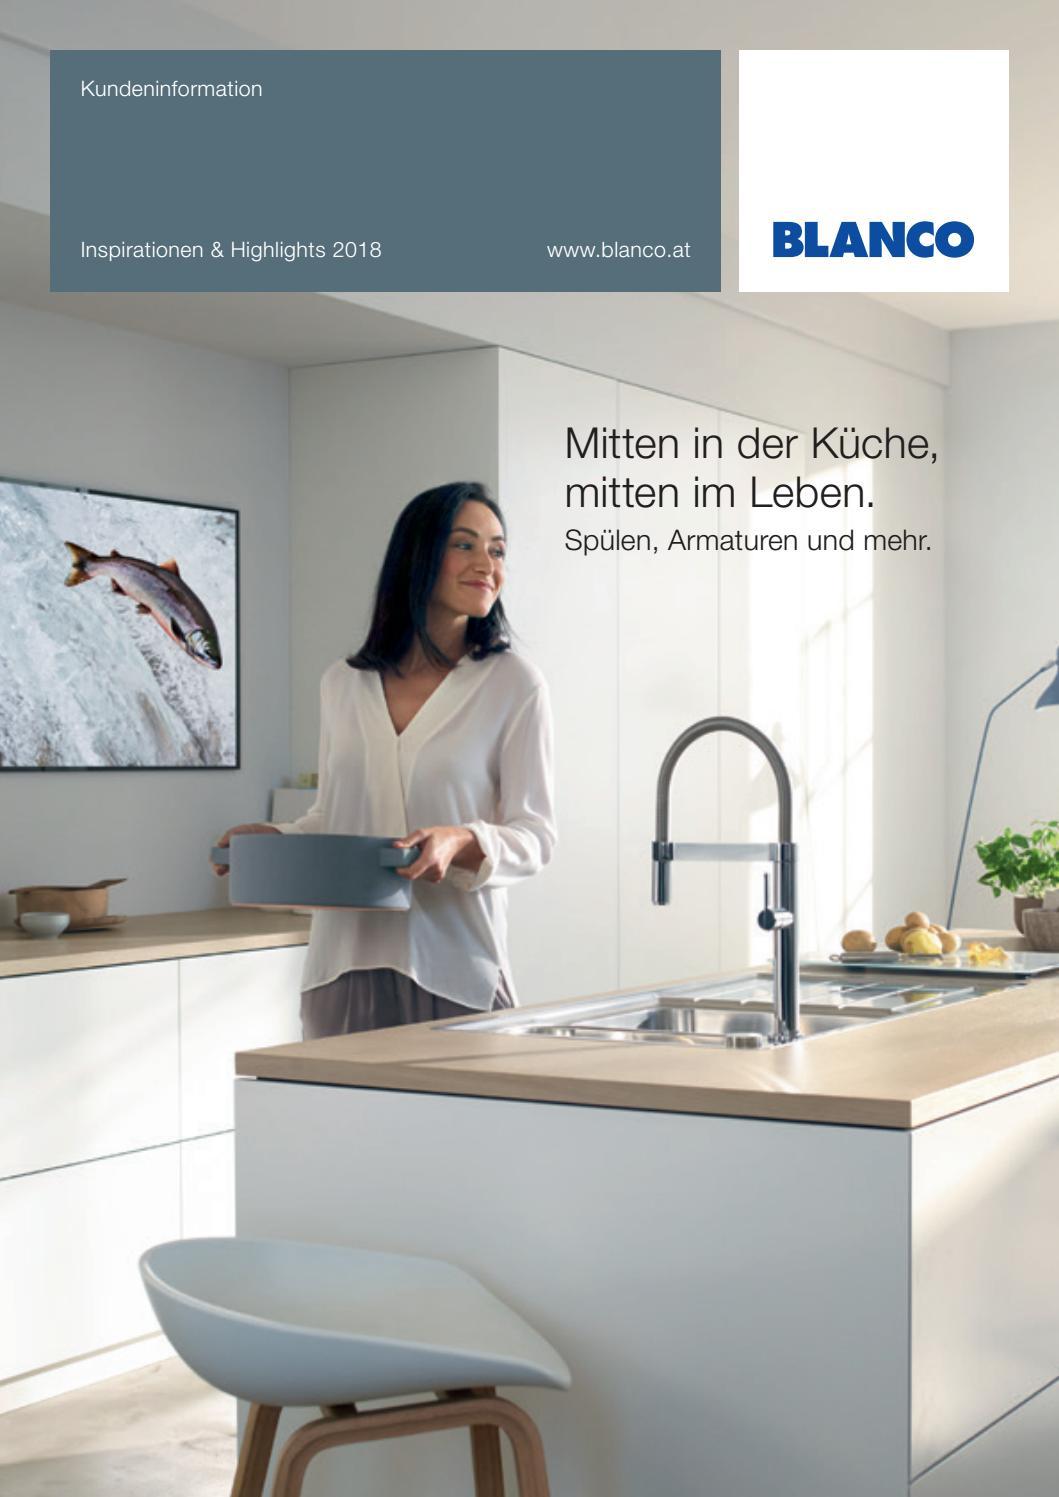 Blanco Prospekt 2018 By Perspektive Werbeagentur   Issuu